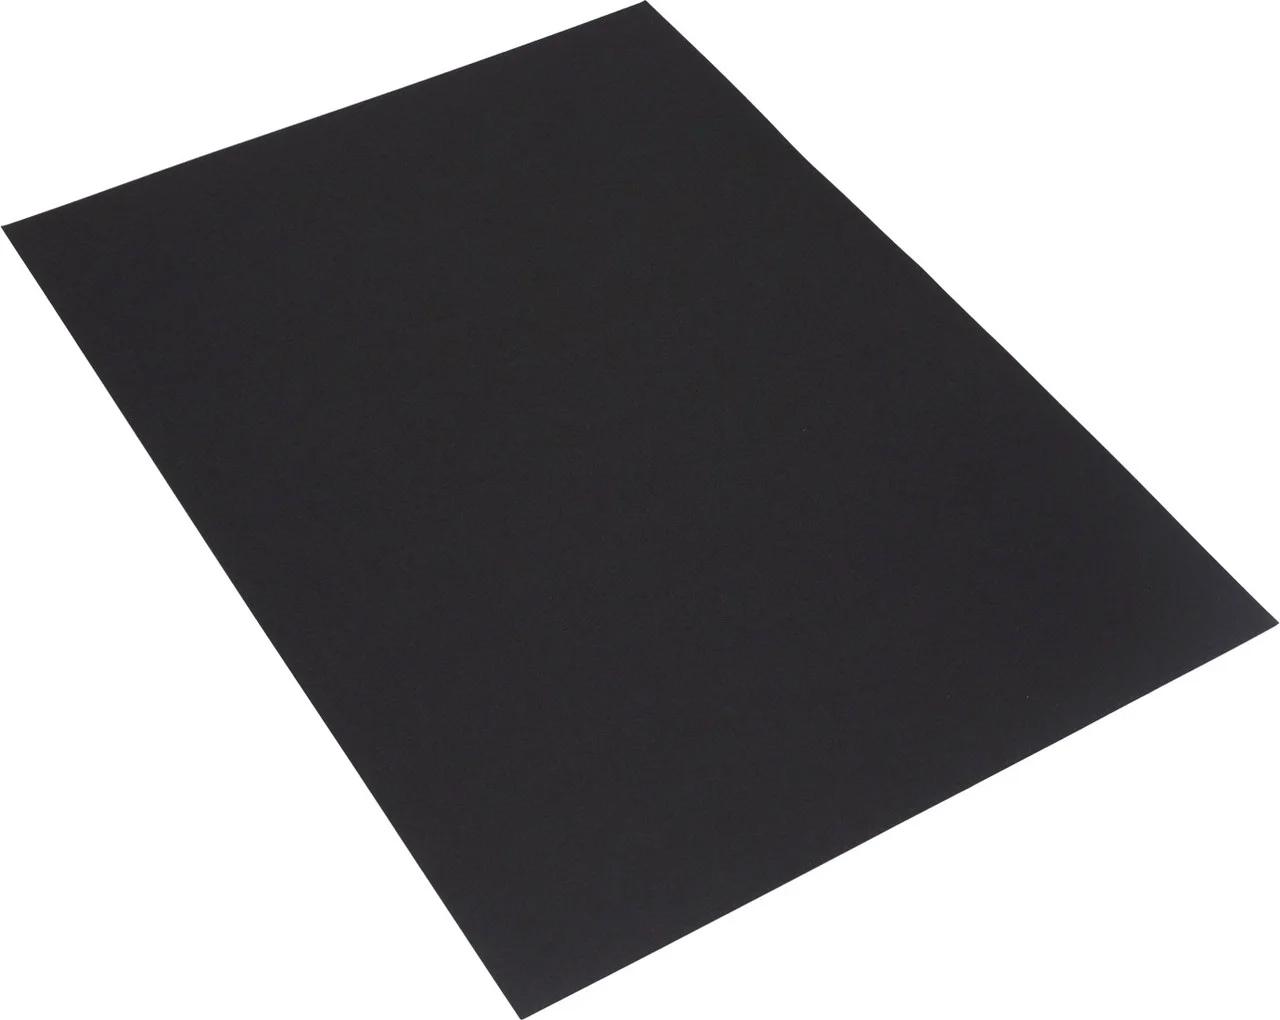 Бумага цветная Color A4 интенсив 80гр./м2. Black, 500листов, черн. Spectra Color - фото 3